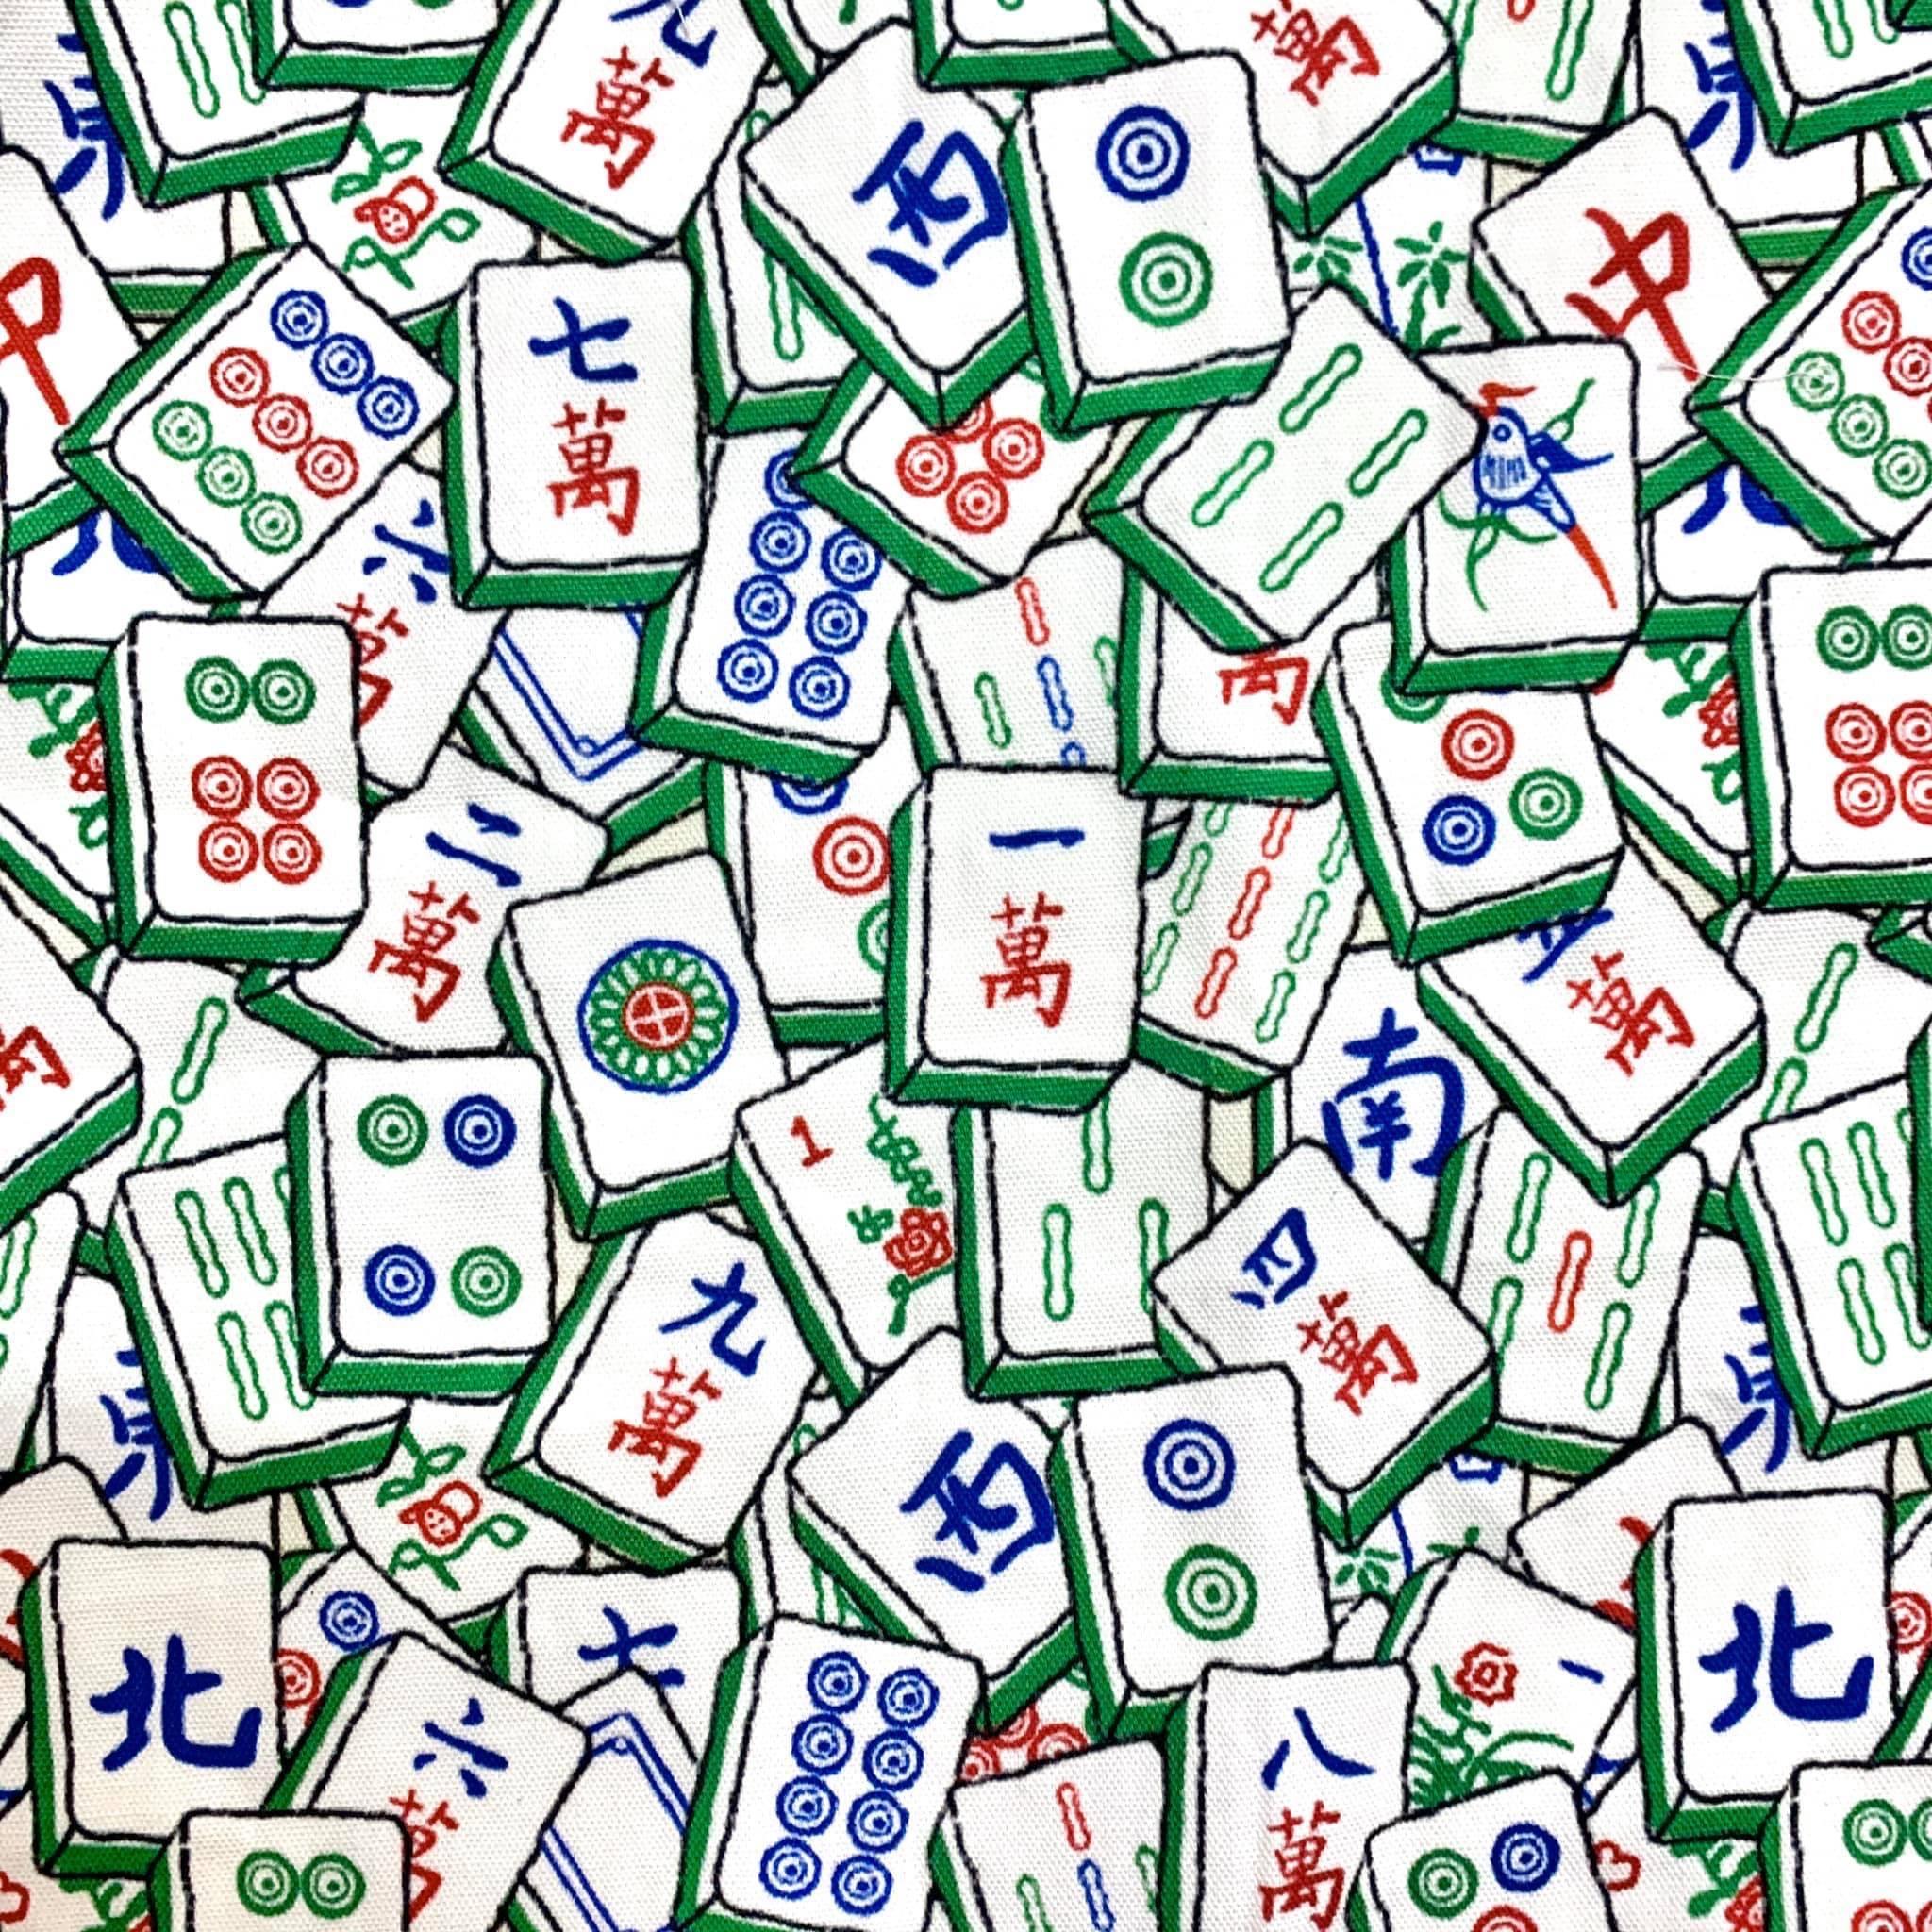 KT Fabrics 自家設計 布料 香港 麻雀 嚦咕嚦咕新年財